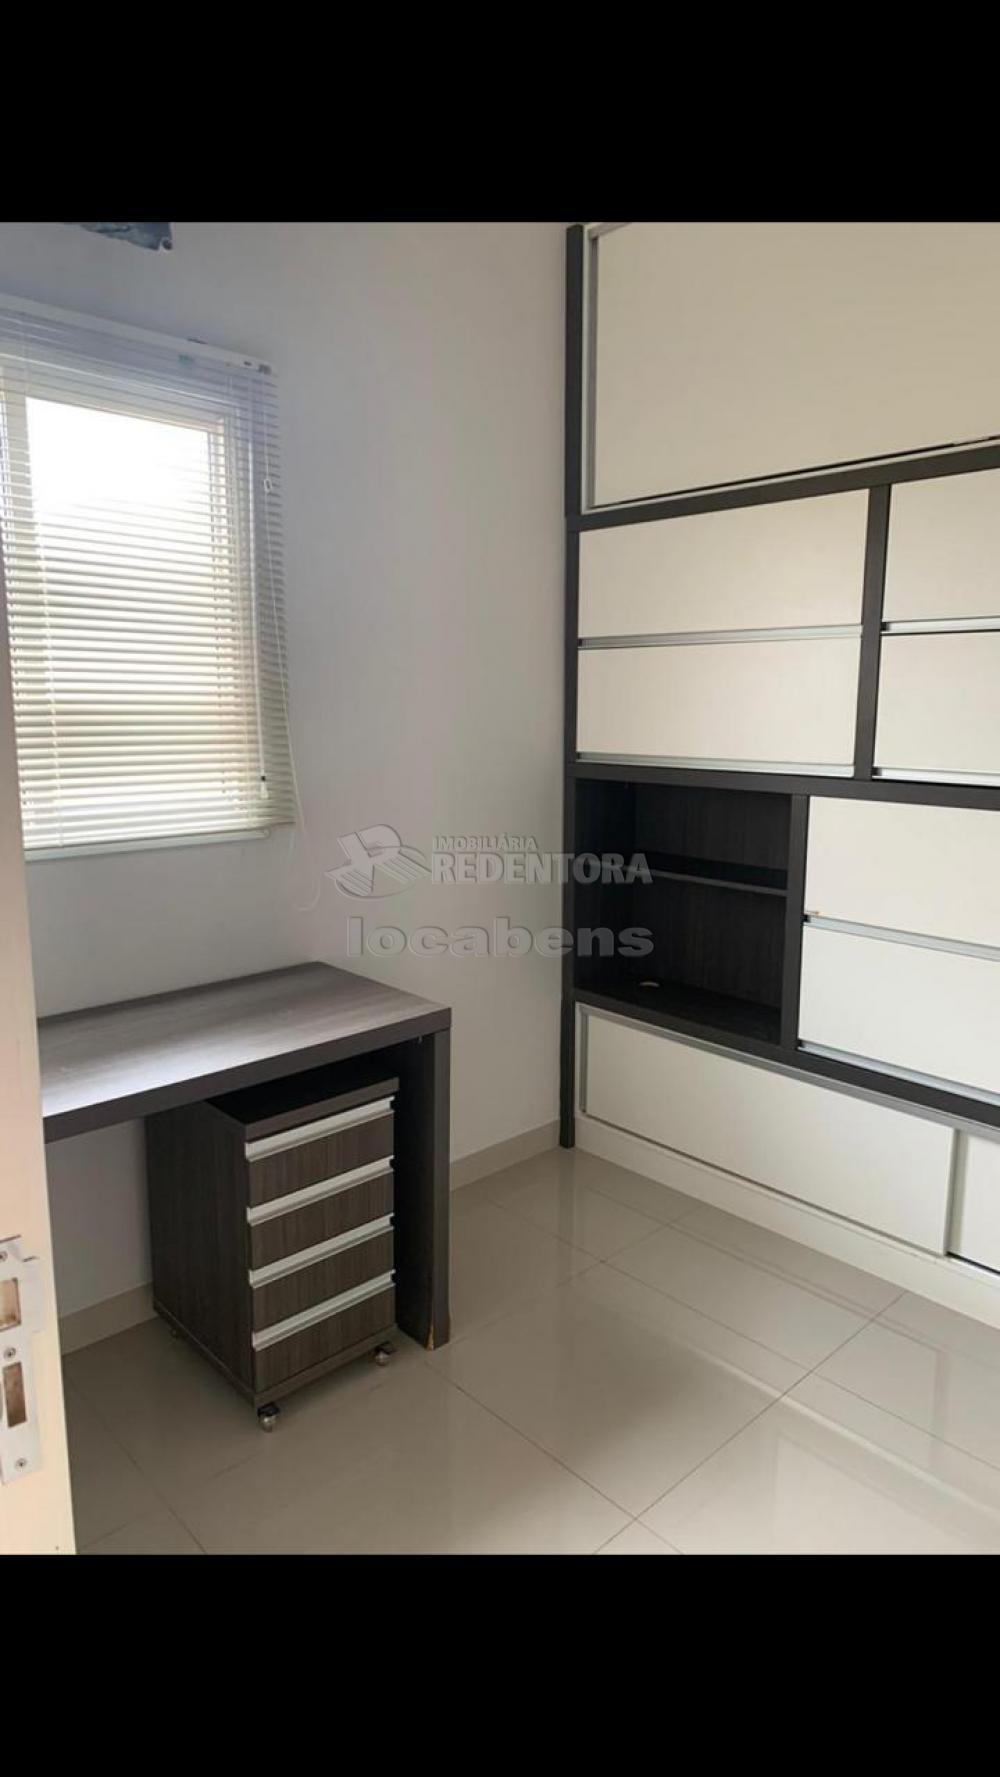 Alugar Casa / Condomínio em São José do Rio Preto apenas R$ 4.000,00 - Foto 3